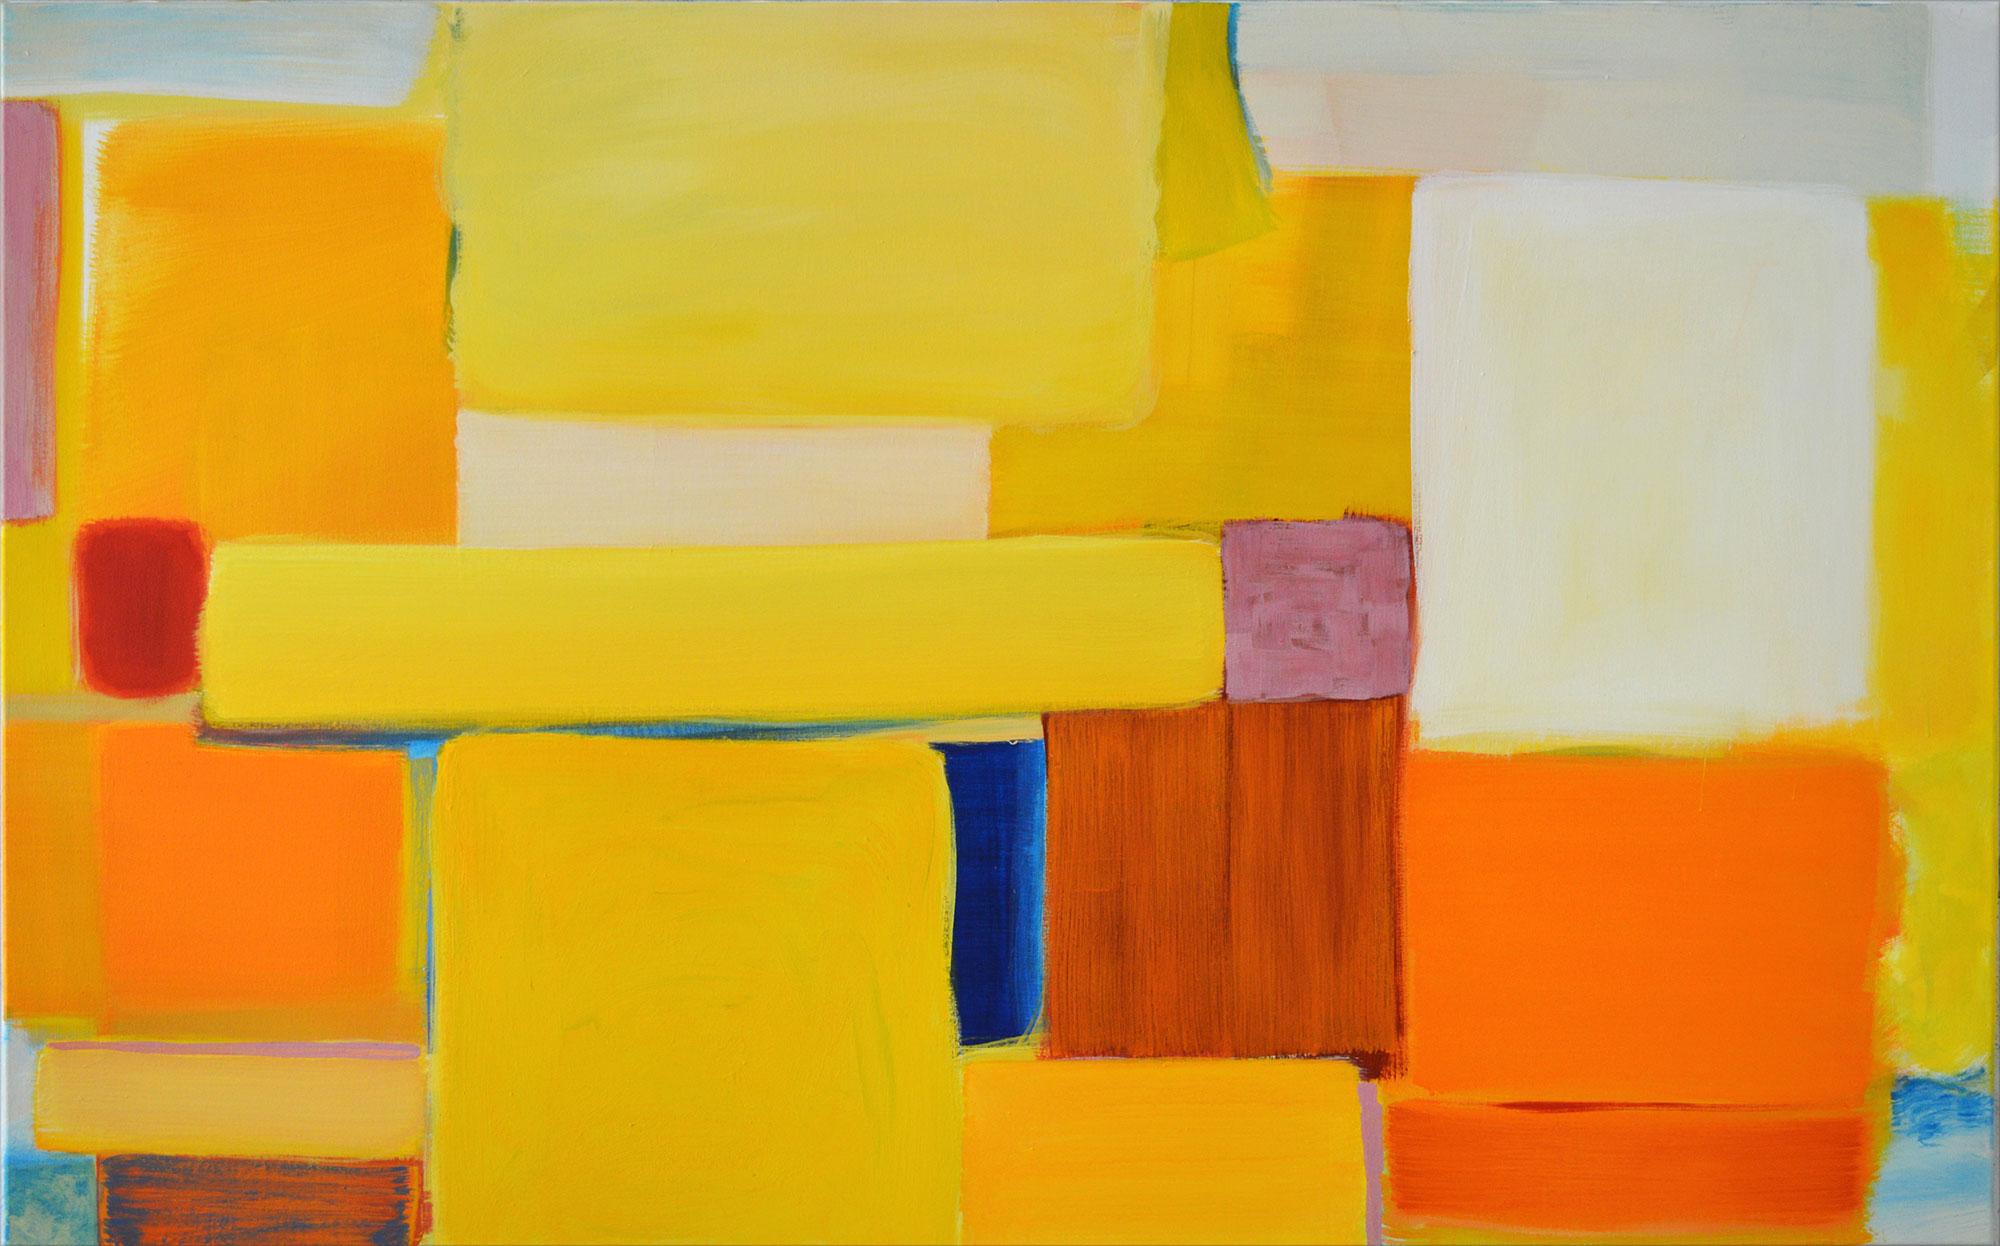 abstrakte Malerei von Susanne Zuehlke